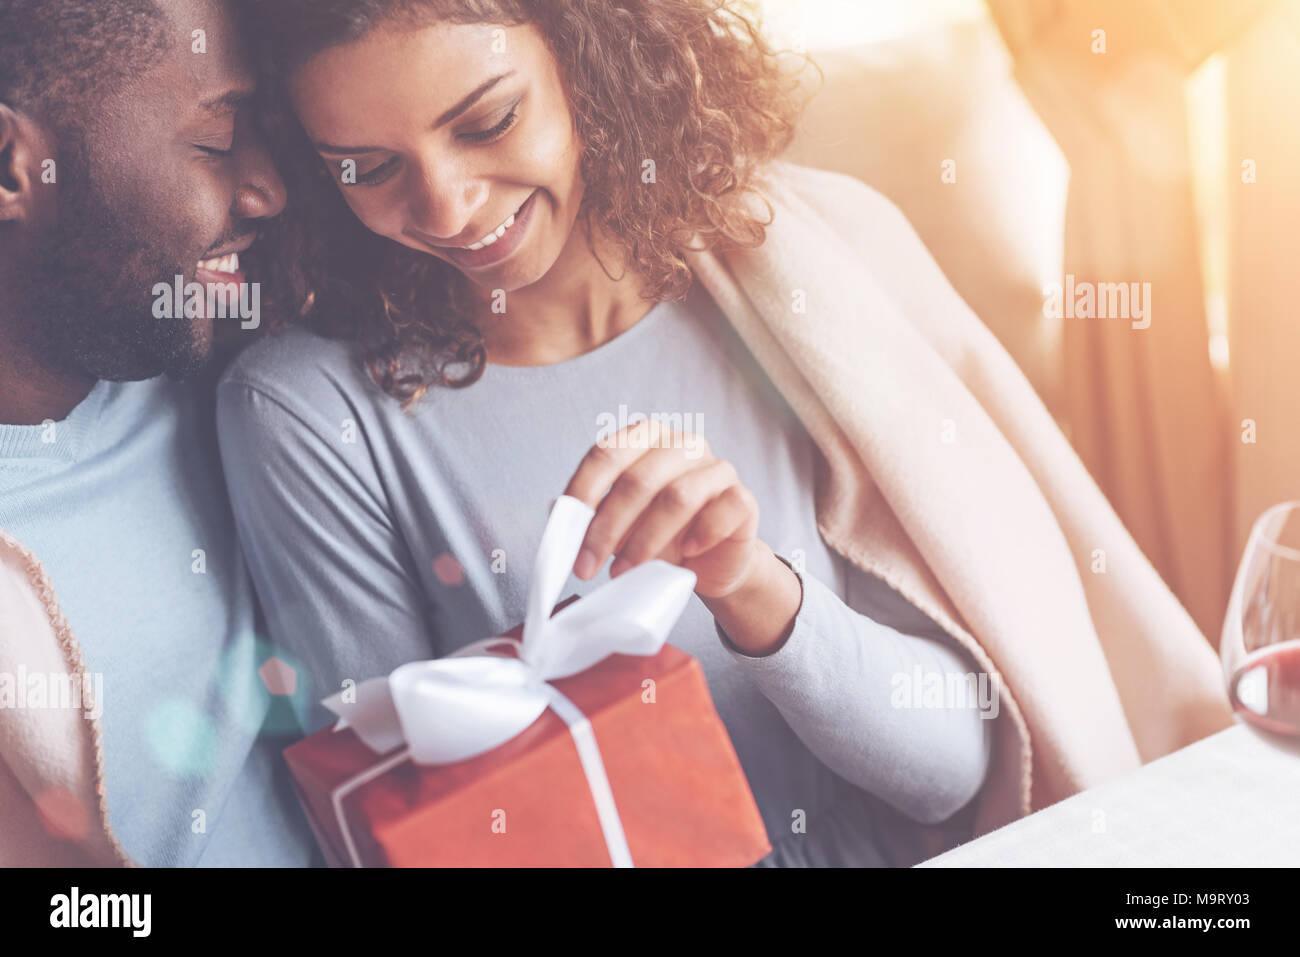 Delighted dark-skinned female touching white ribbon - Stock Image